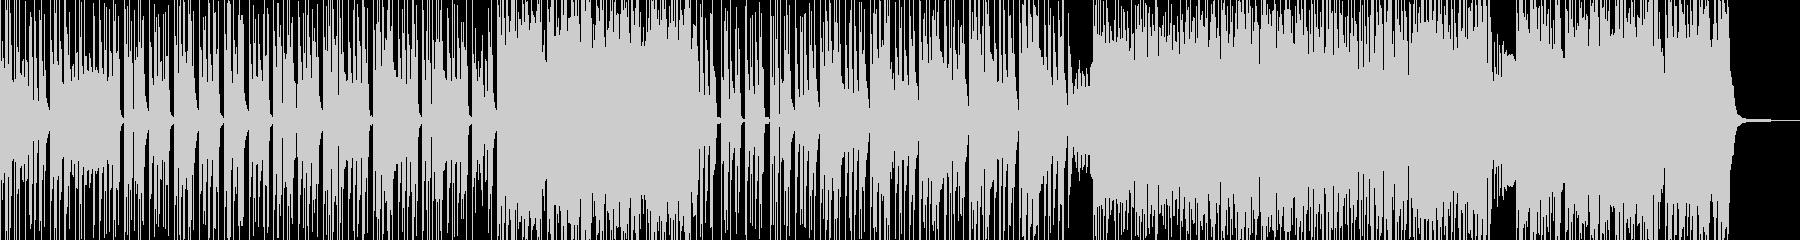 無機質&異次元・妖艶なヒップホップ Aの未再生の波形